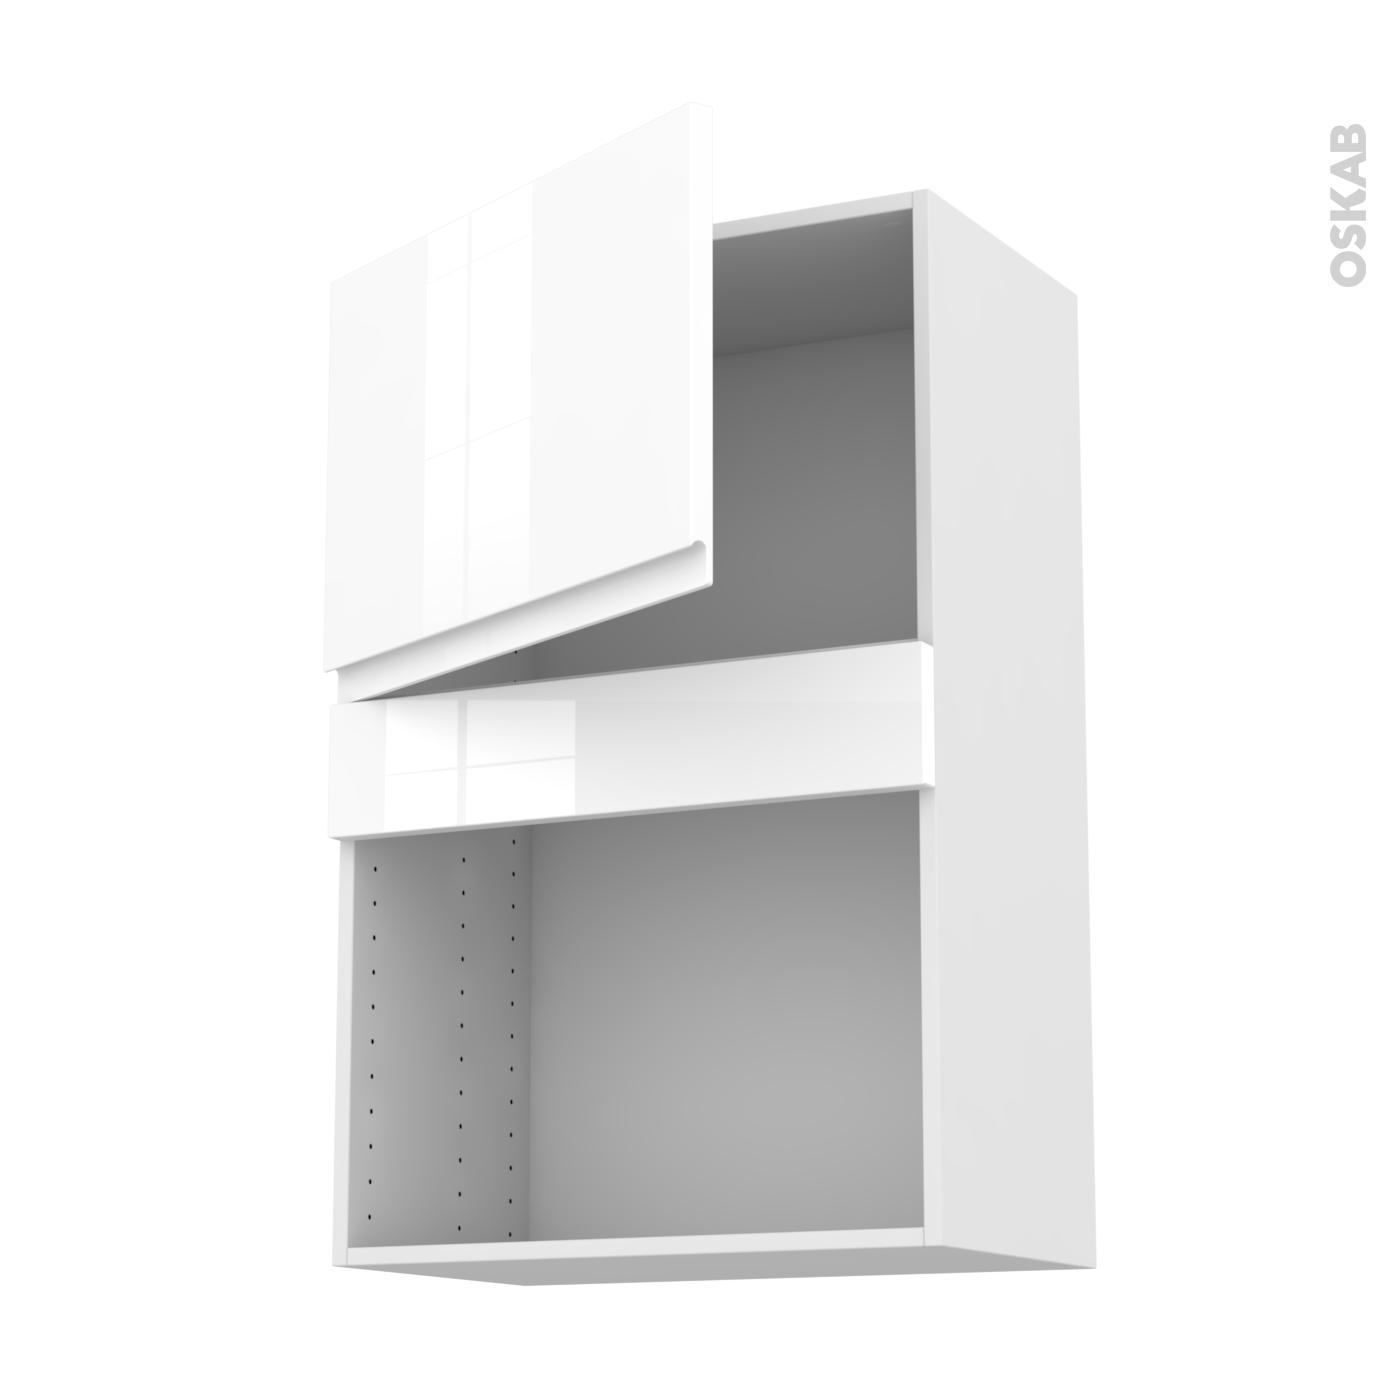 Meuble de cuisine Haut MO encastrable niche 133 IPOMA Blanc brillant, 13  porte, L13 x H13 x P13 cm